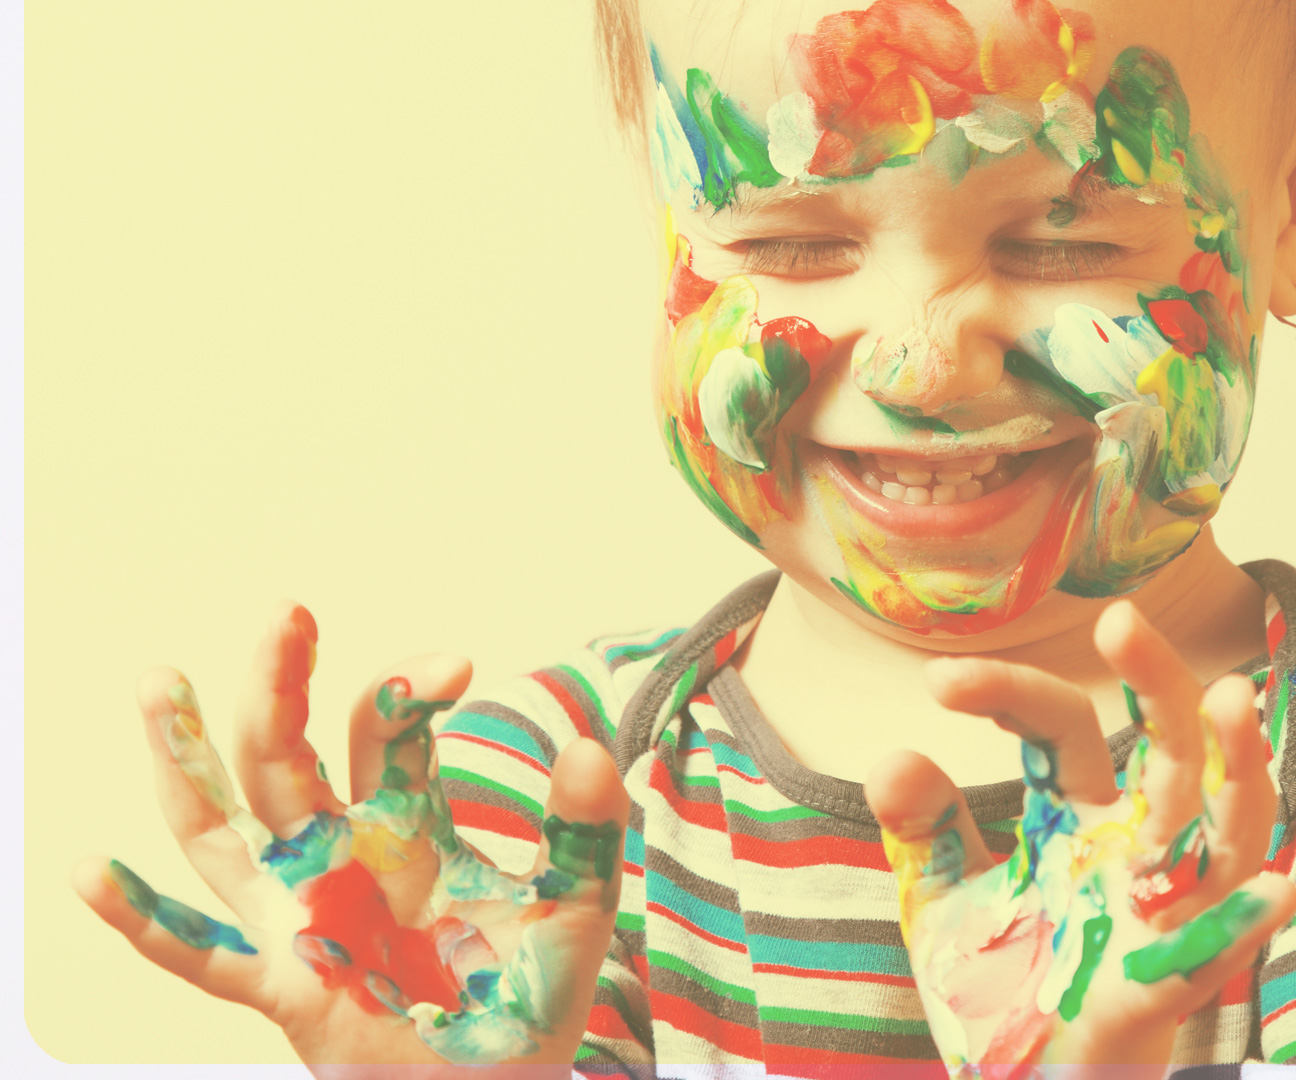 Baner przedstawiający szczęśliwe dziecko pomazane farbami